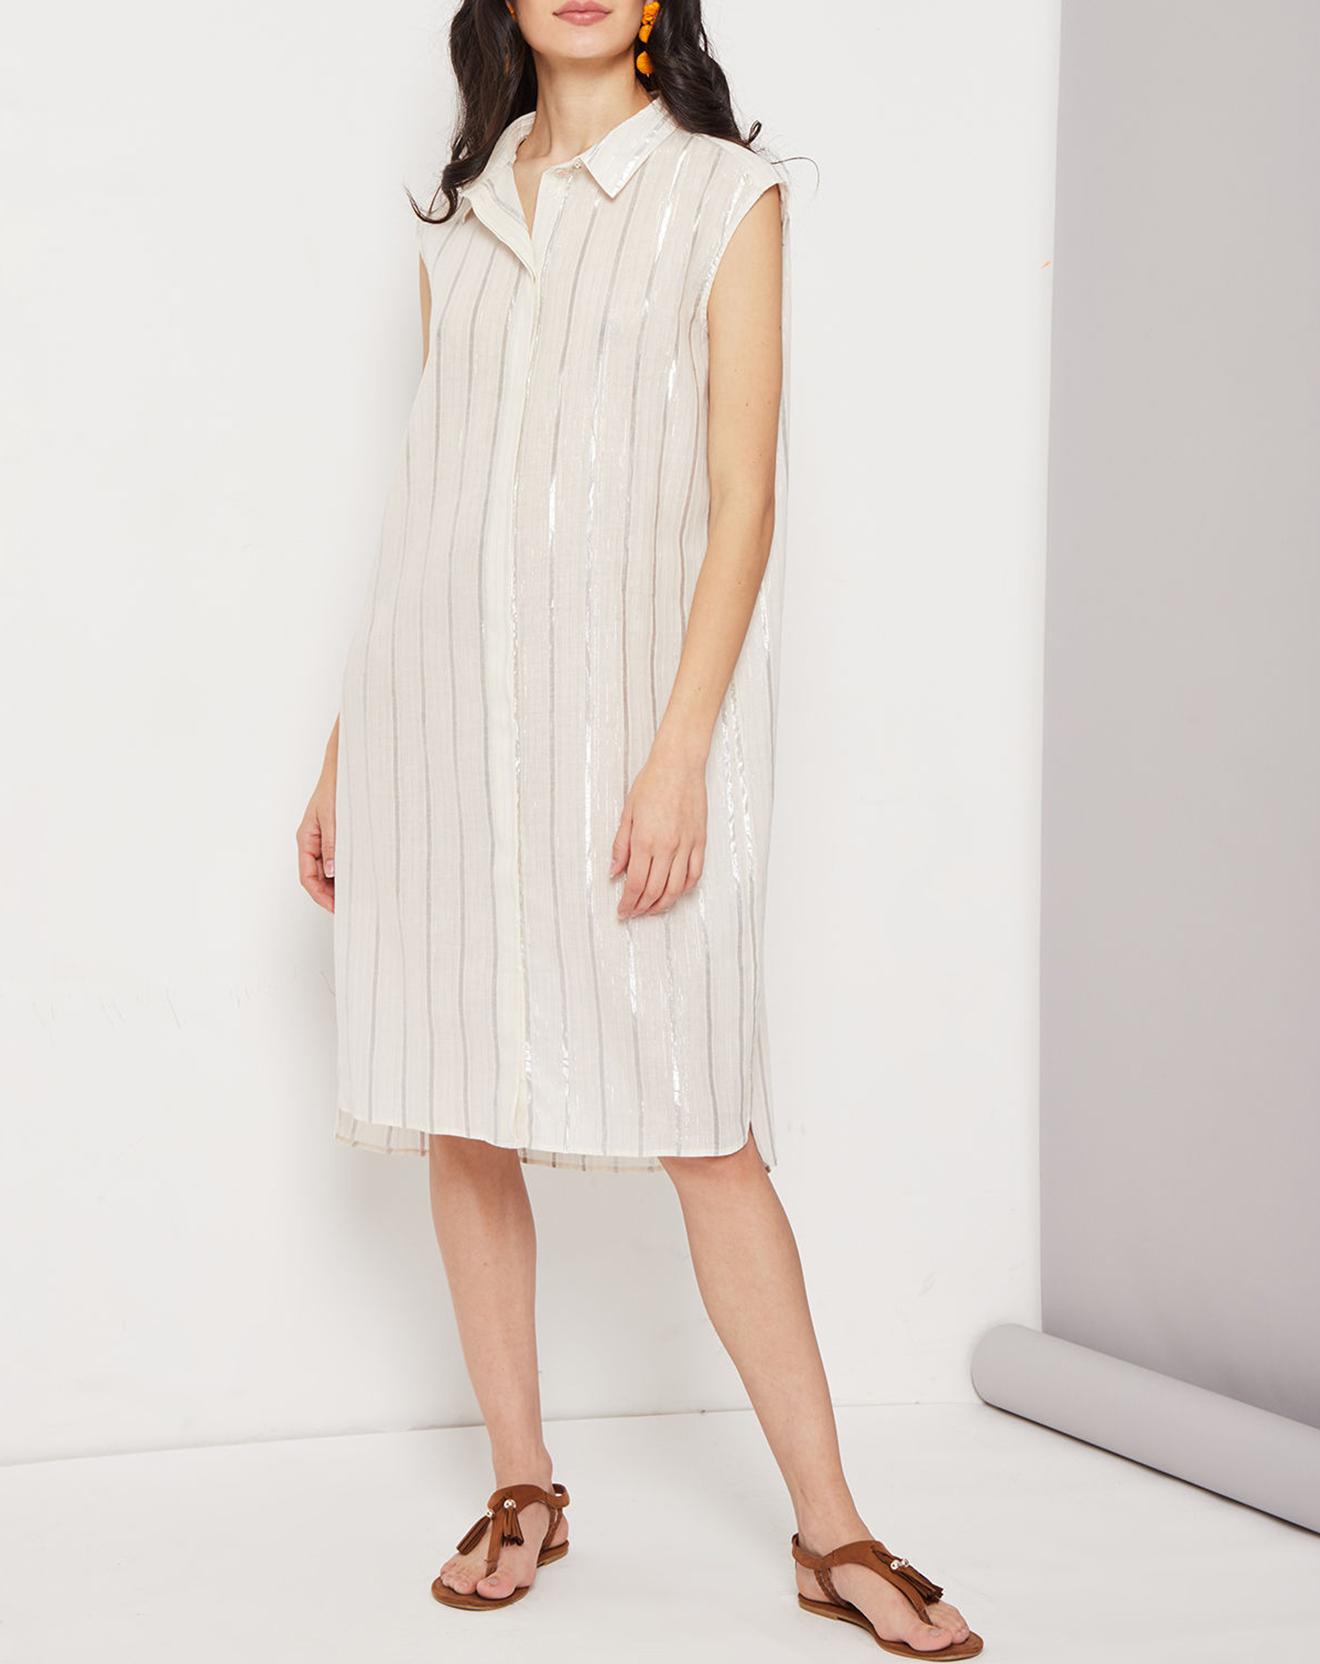 Robe Candice rayée blanc/argenté - Suncoo - Modalova